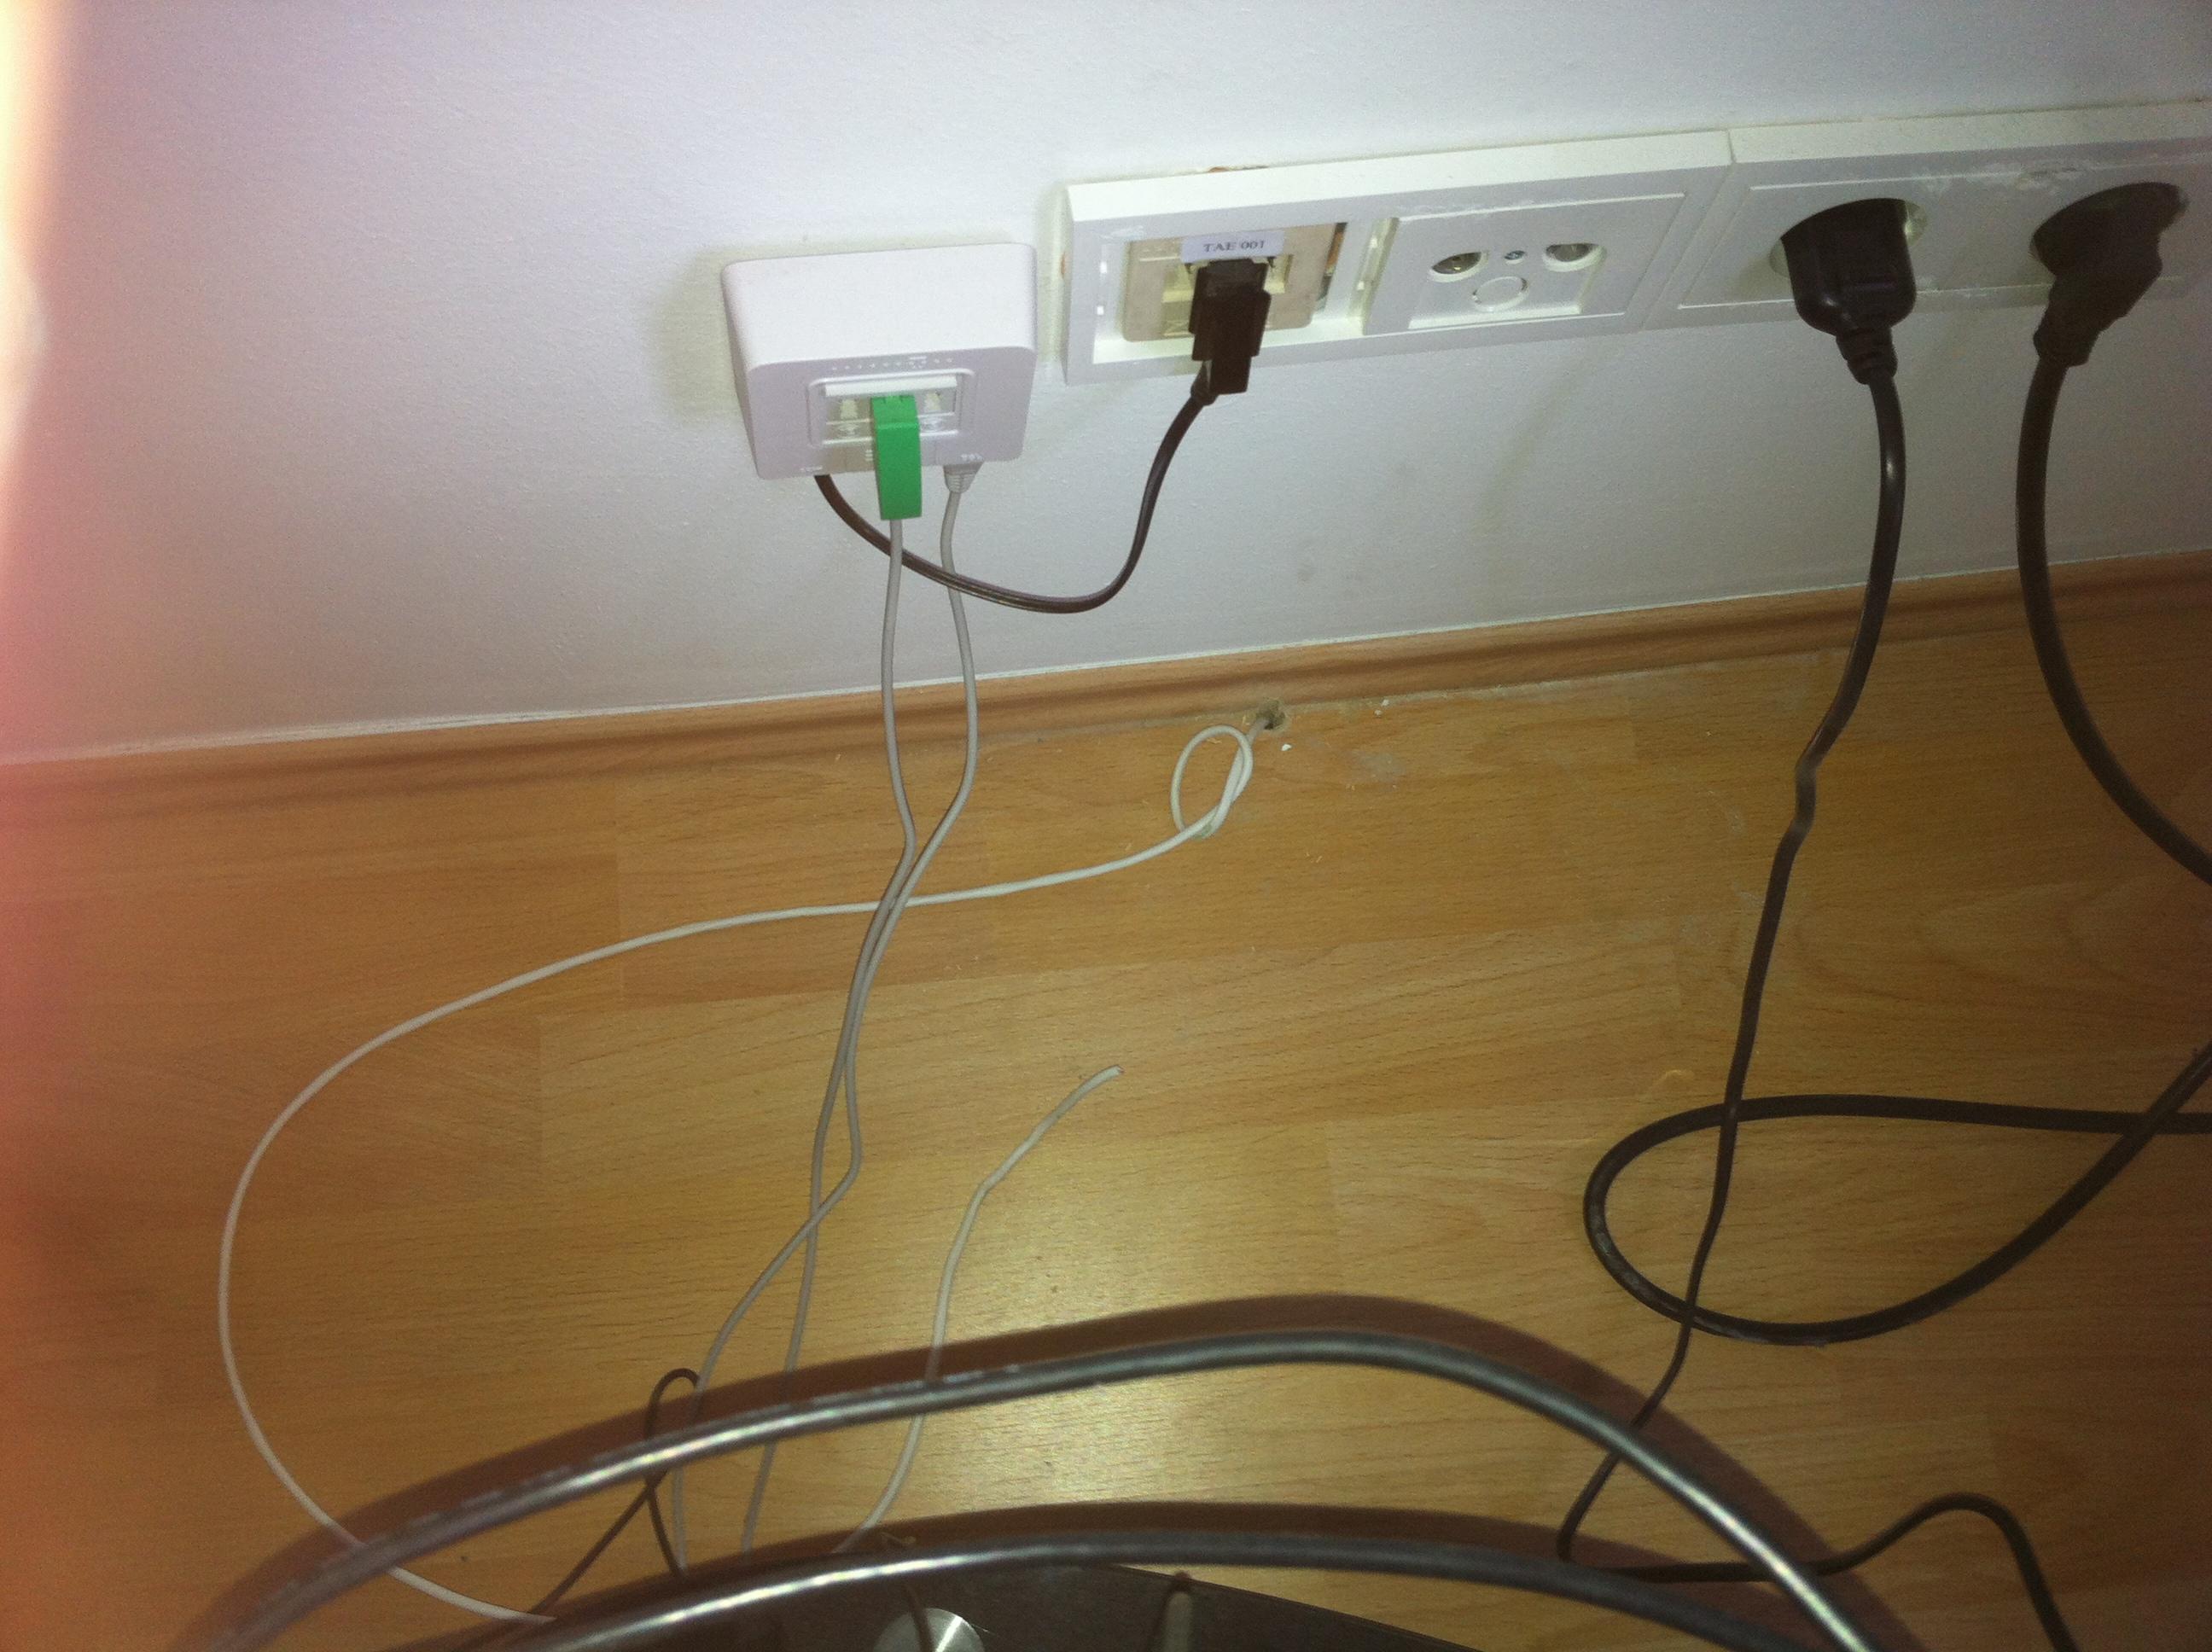 dsl telefonkabel richtig verlegt internet technik kabel. Black Bedroom Furniture Sets. Home Design Ideas